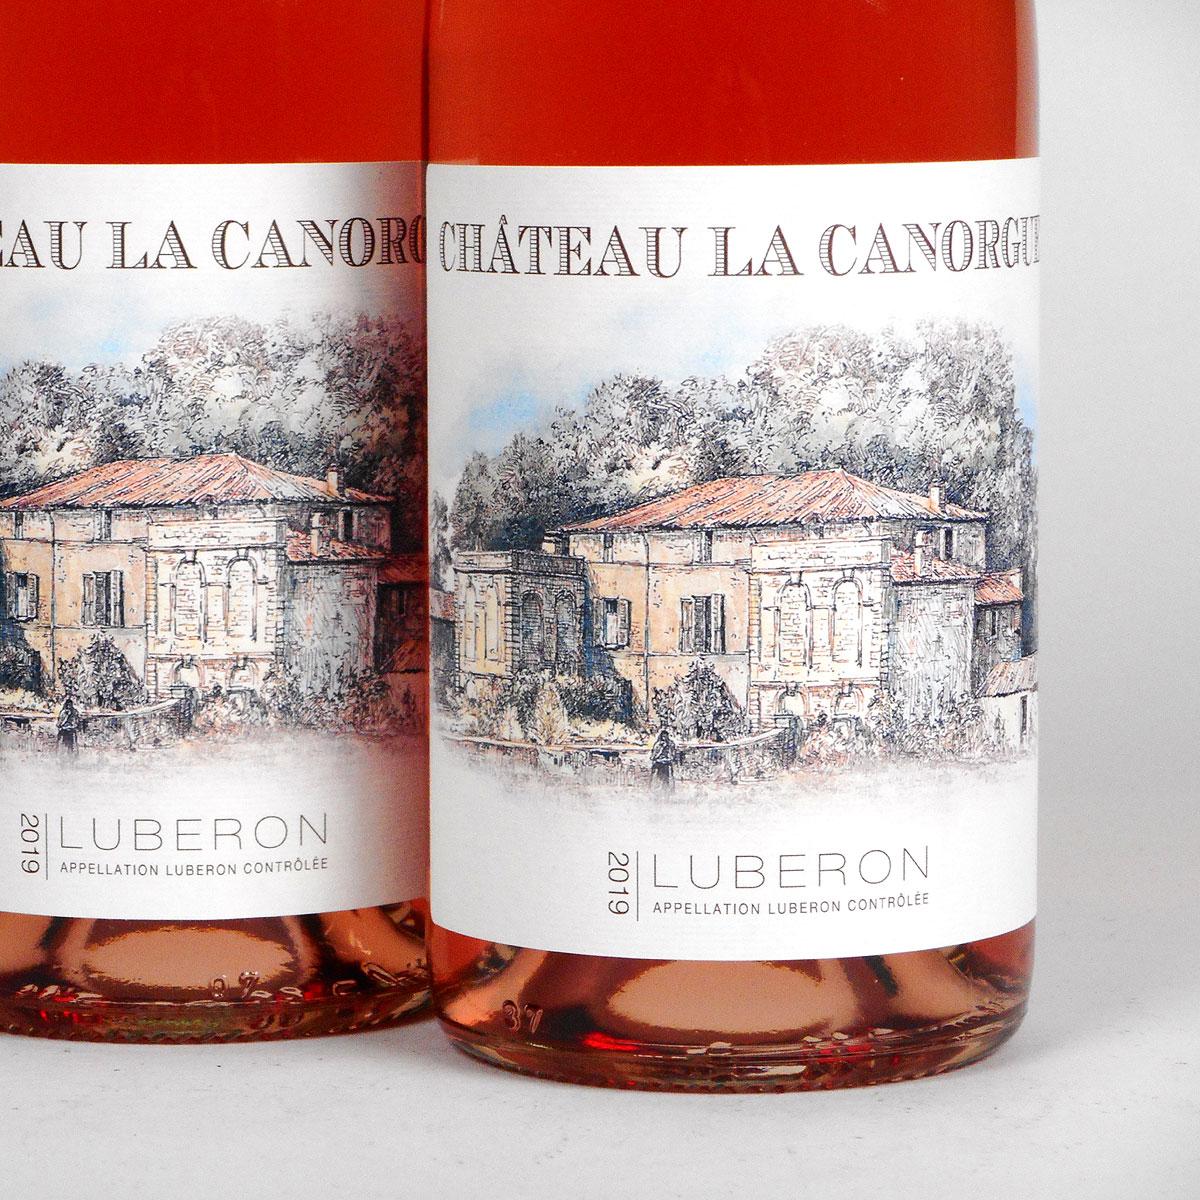 Côtes du Luberon: Château La Canorgue Rosé 2019